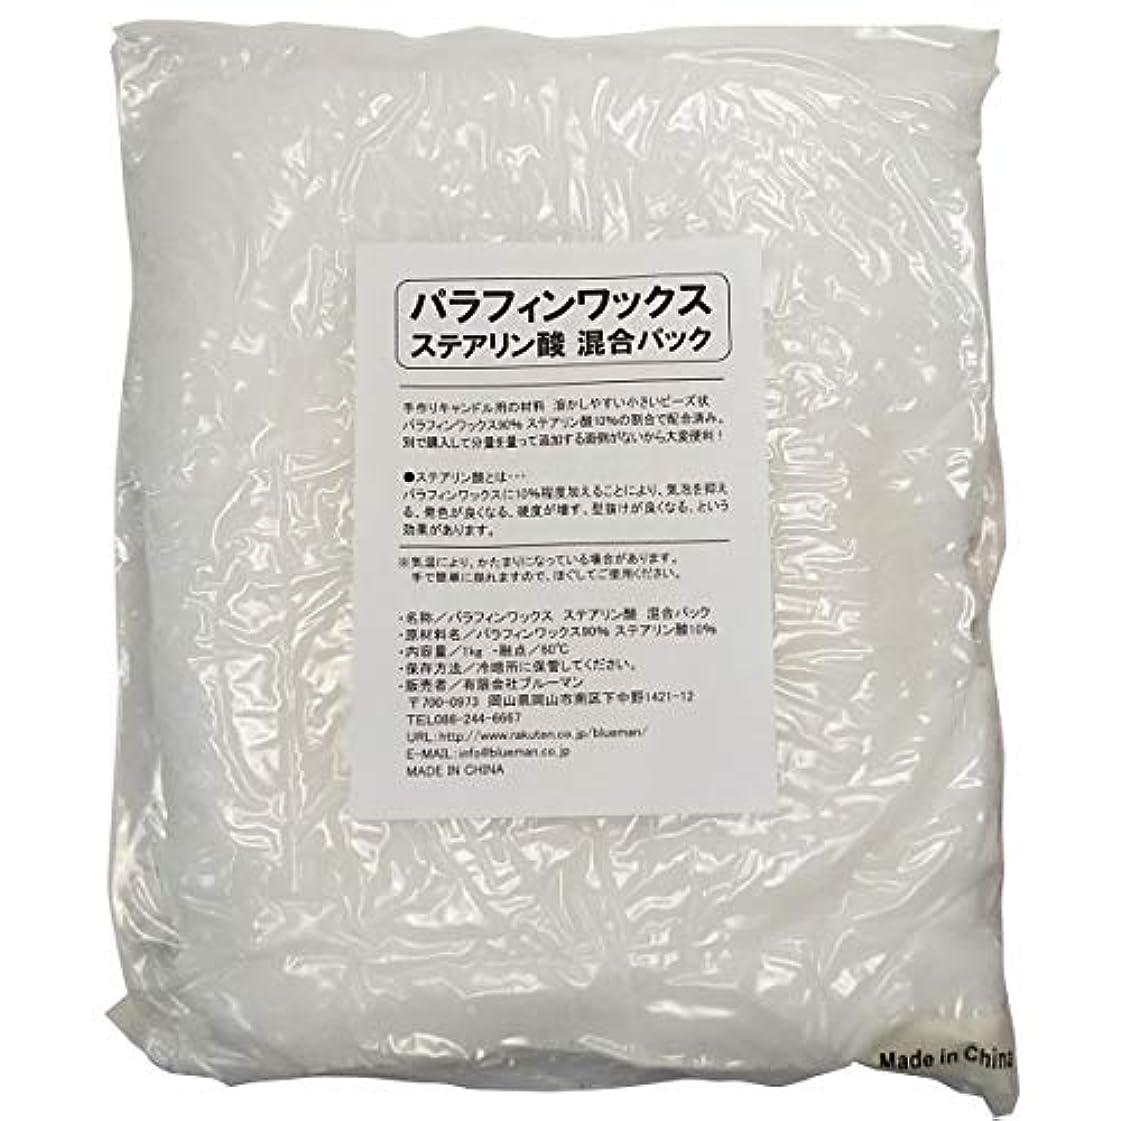 スキル心理的テラスパラフィンワックス ステアリン酸 混合パック 1kg 手作りキャンドル 材料 1キロ アロマワックスサシェ